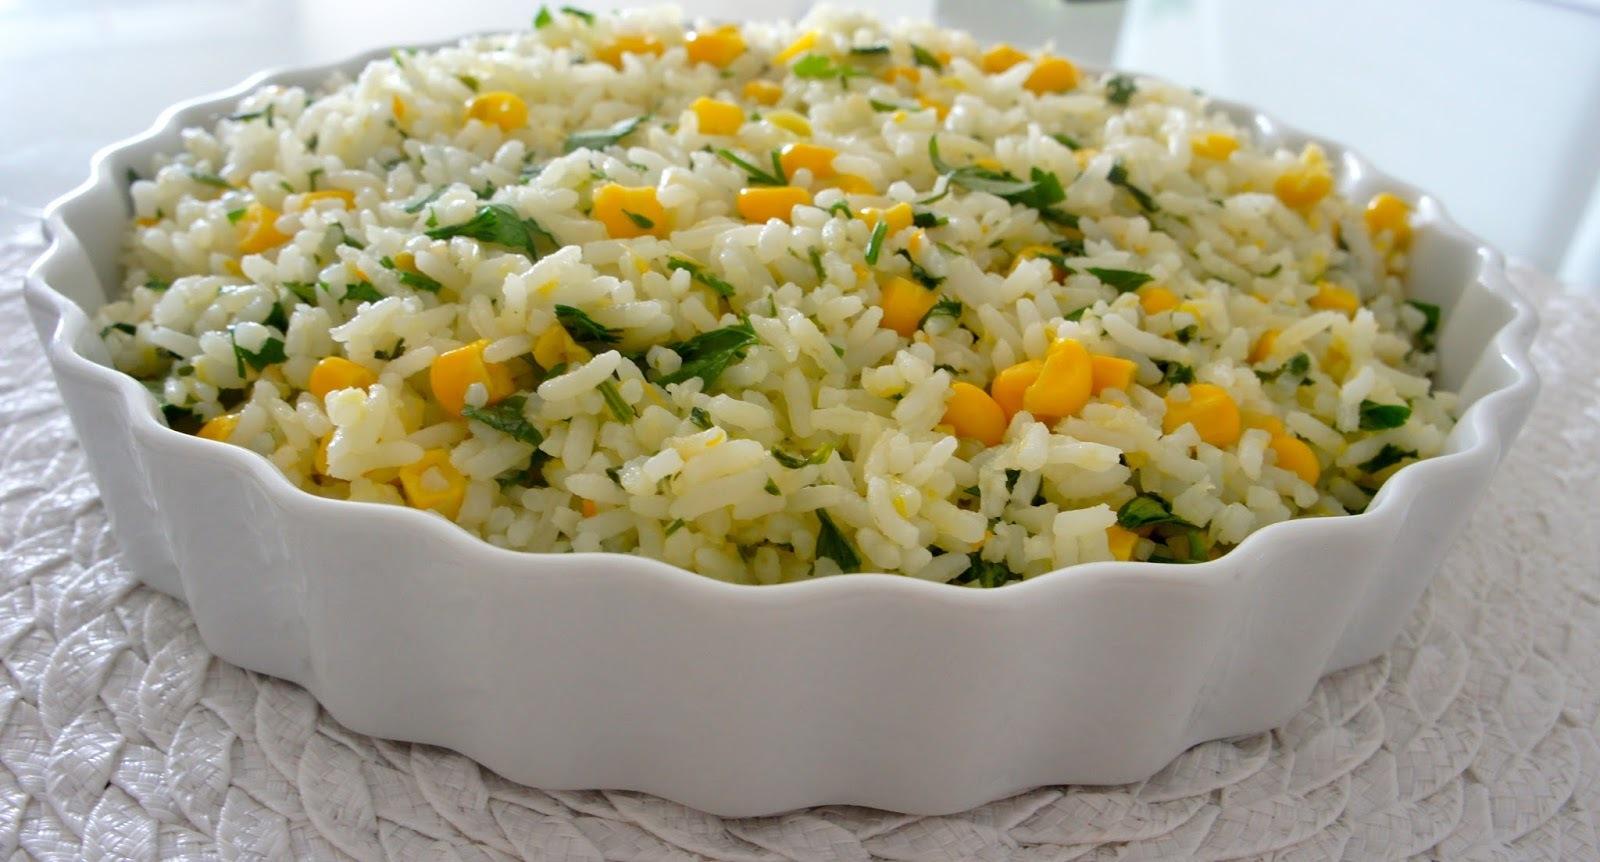 arroz com milho verde simples